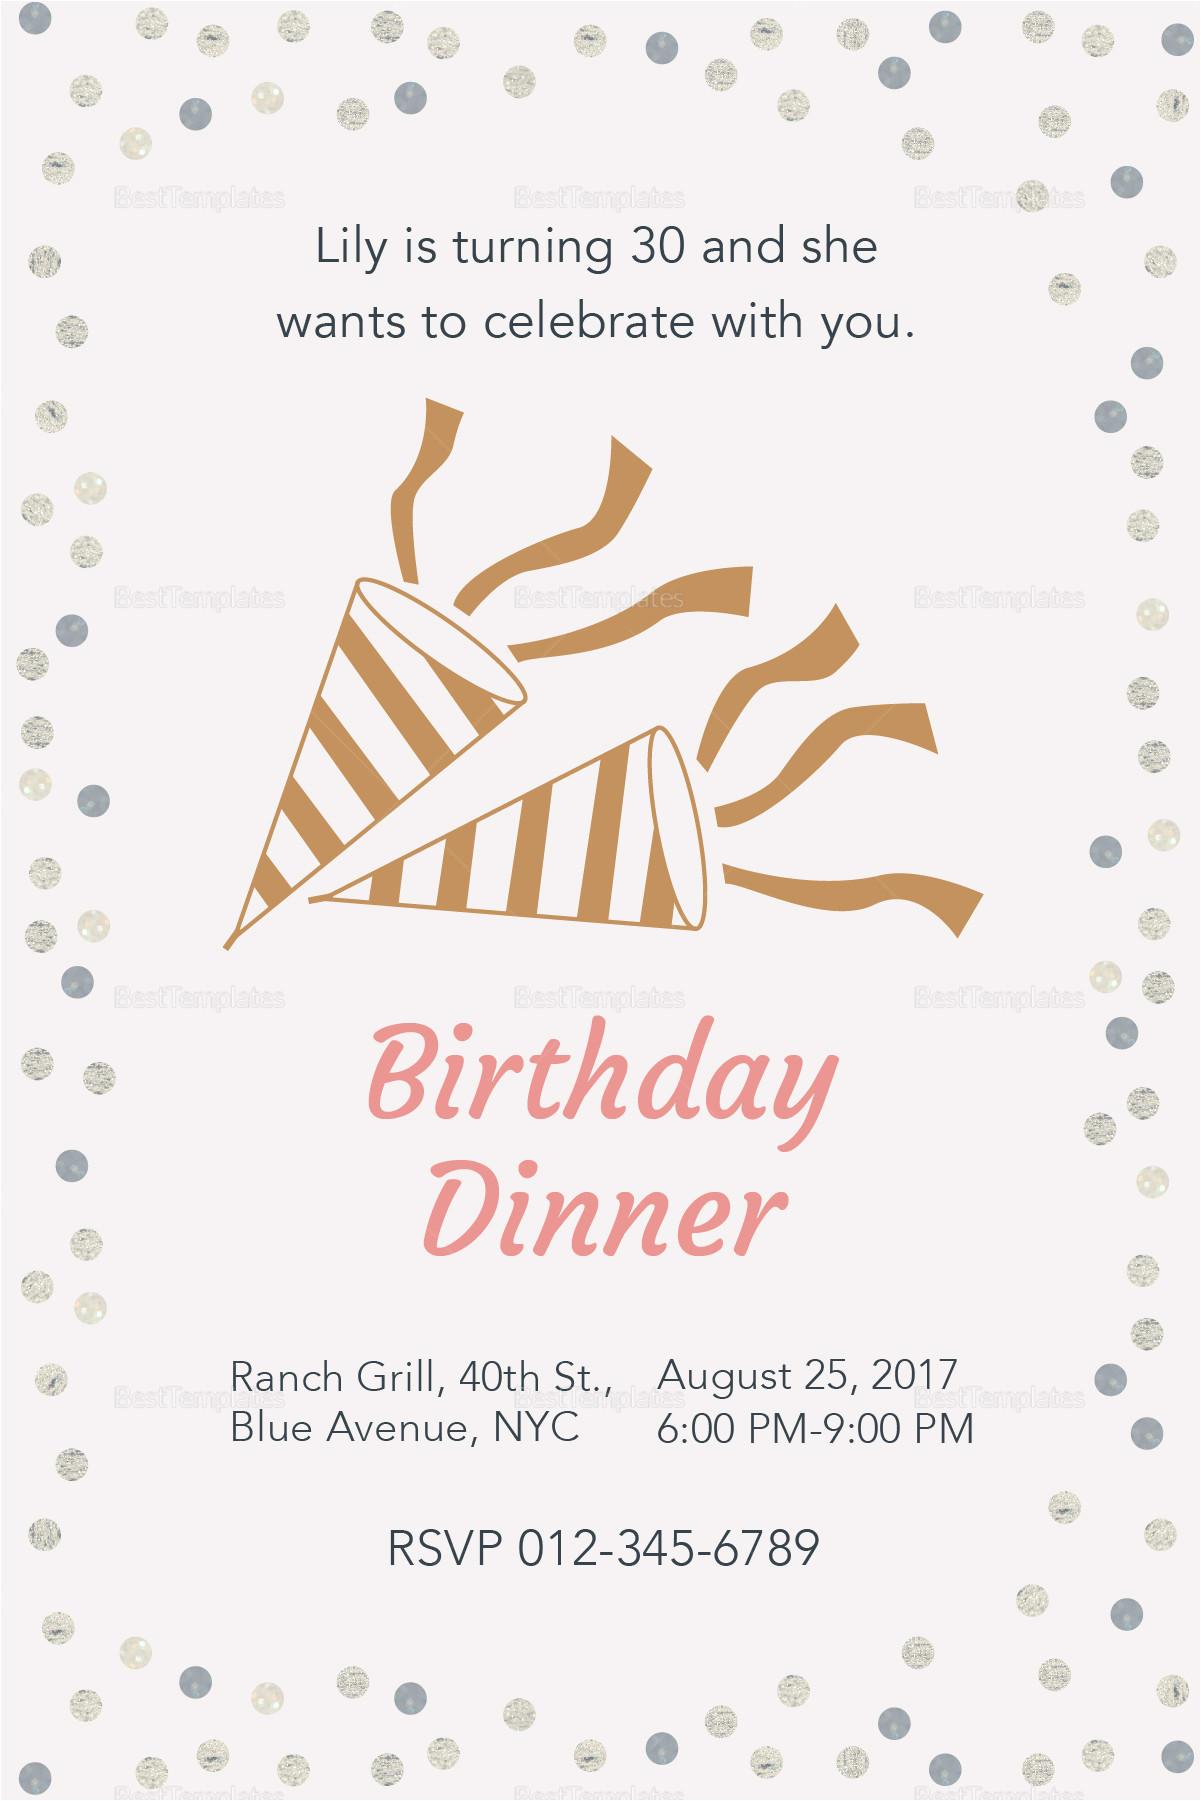 birthday dinner invitation